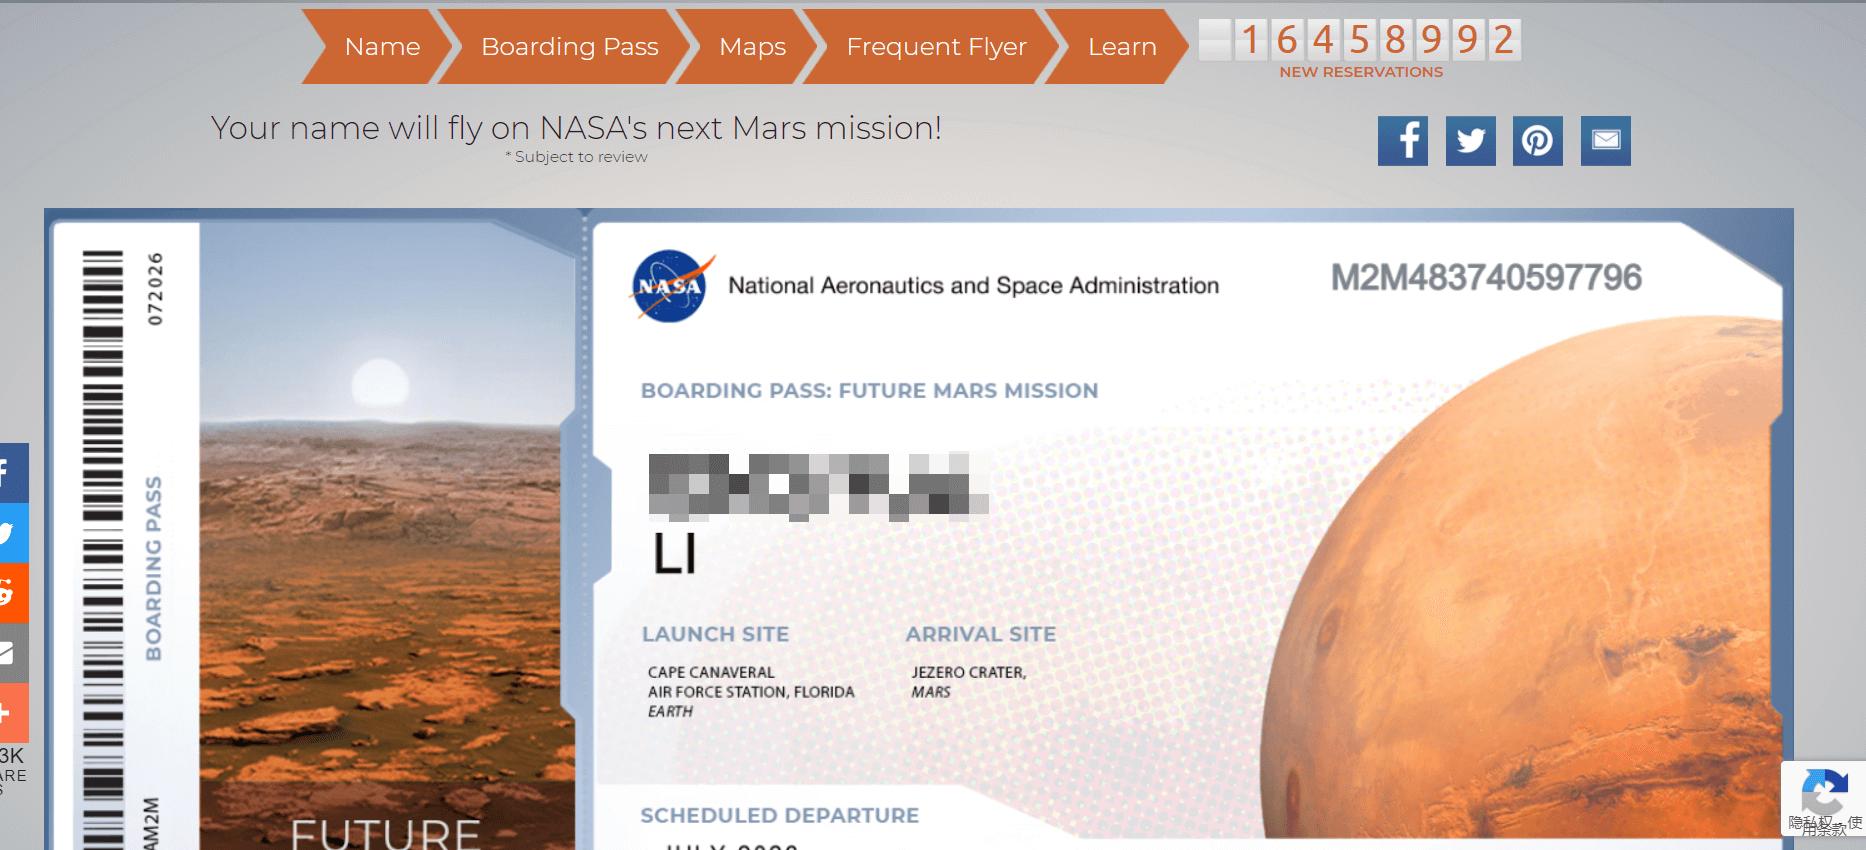 非免费火星船票代申请列表-查询结果